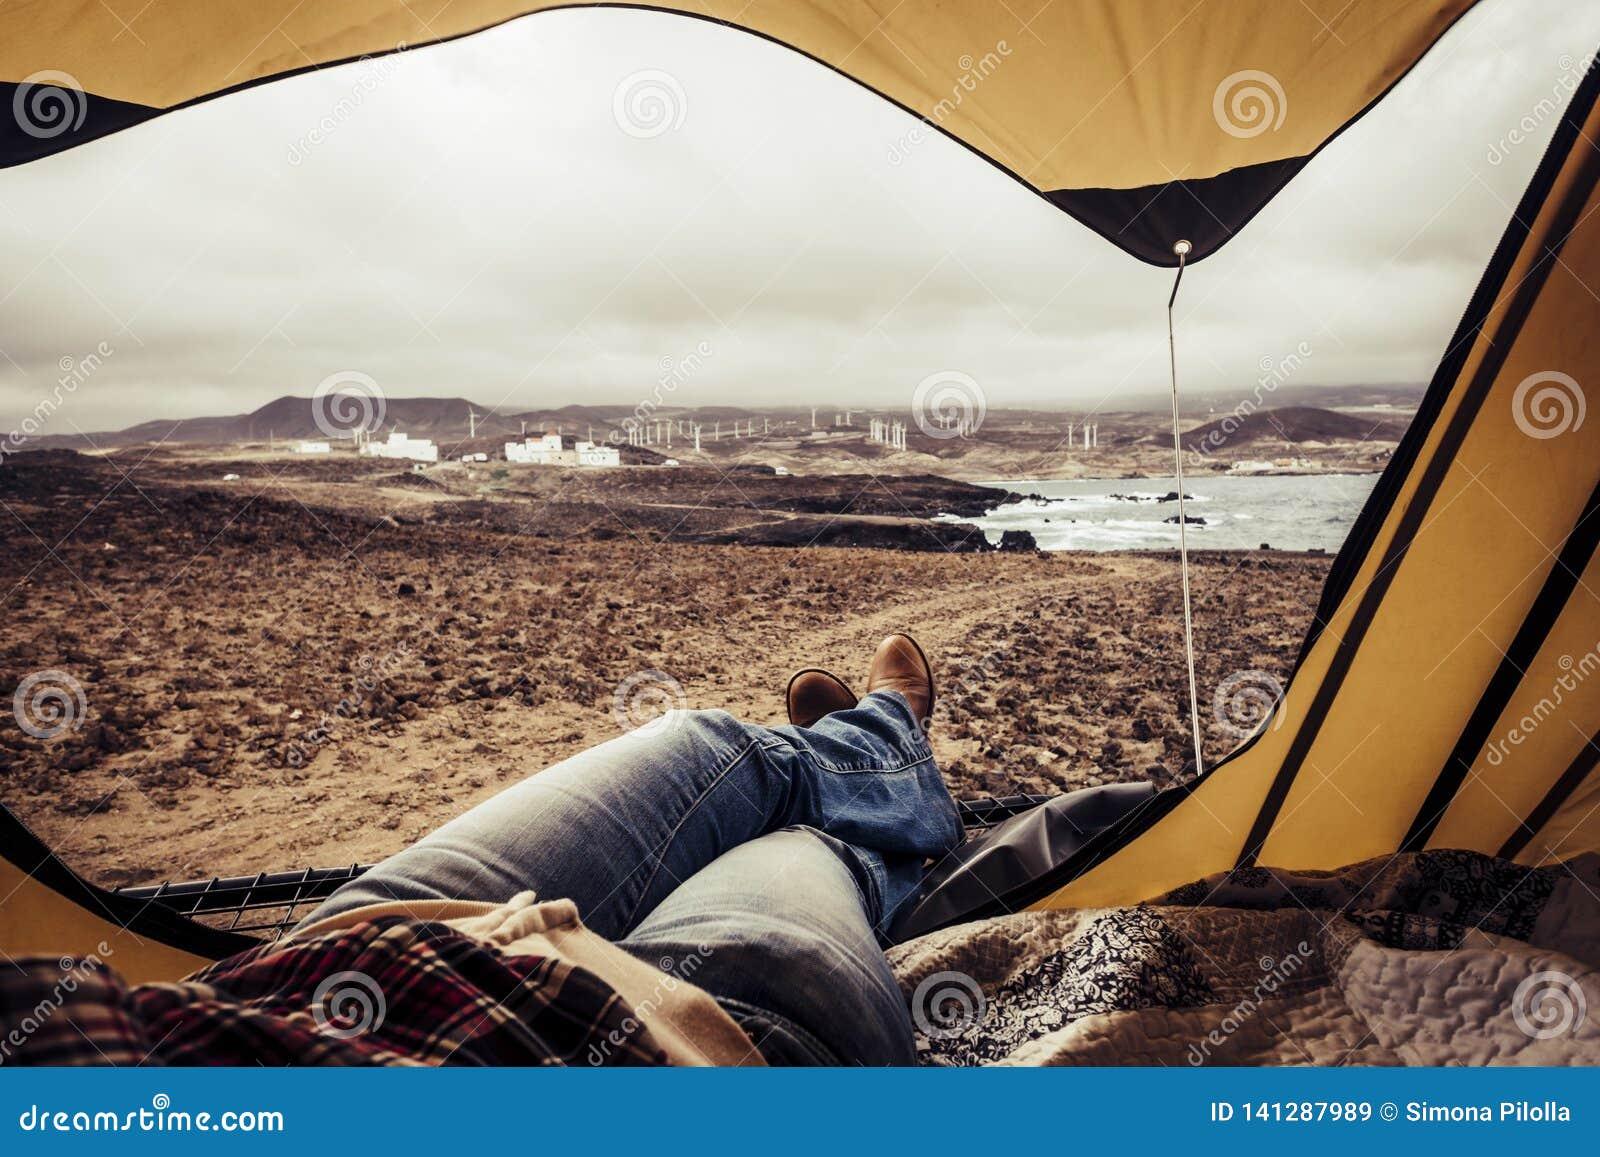 Обнаженная женщина отдыхает на свежем воздухе и дома